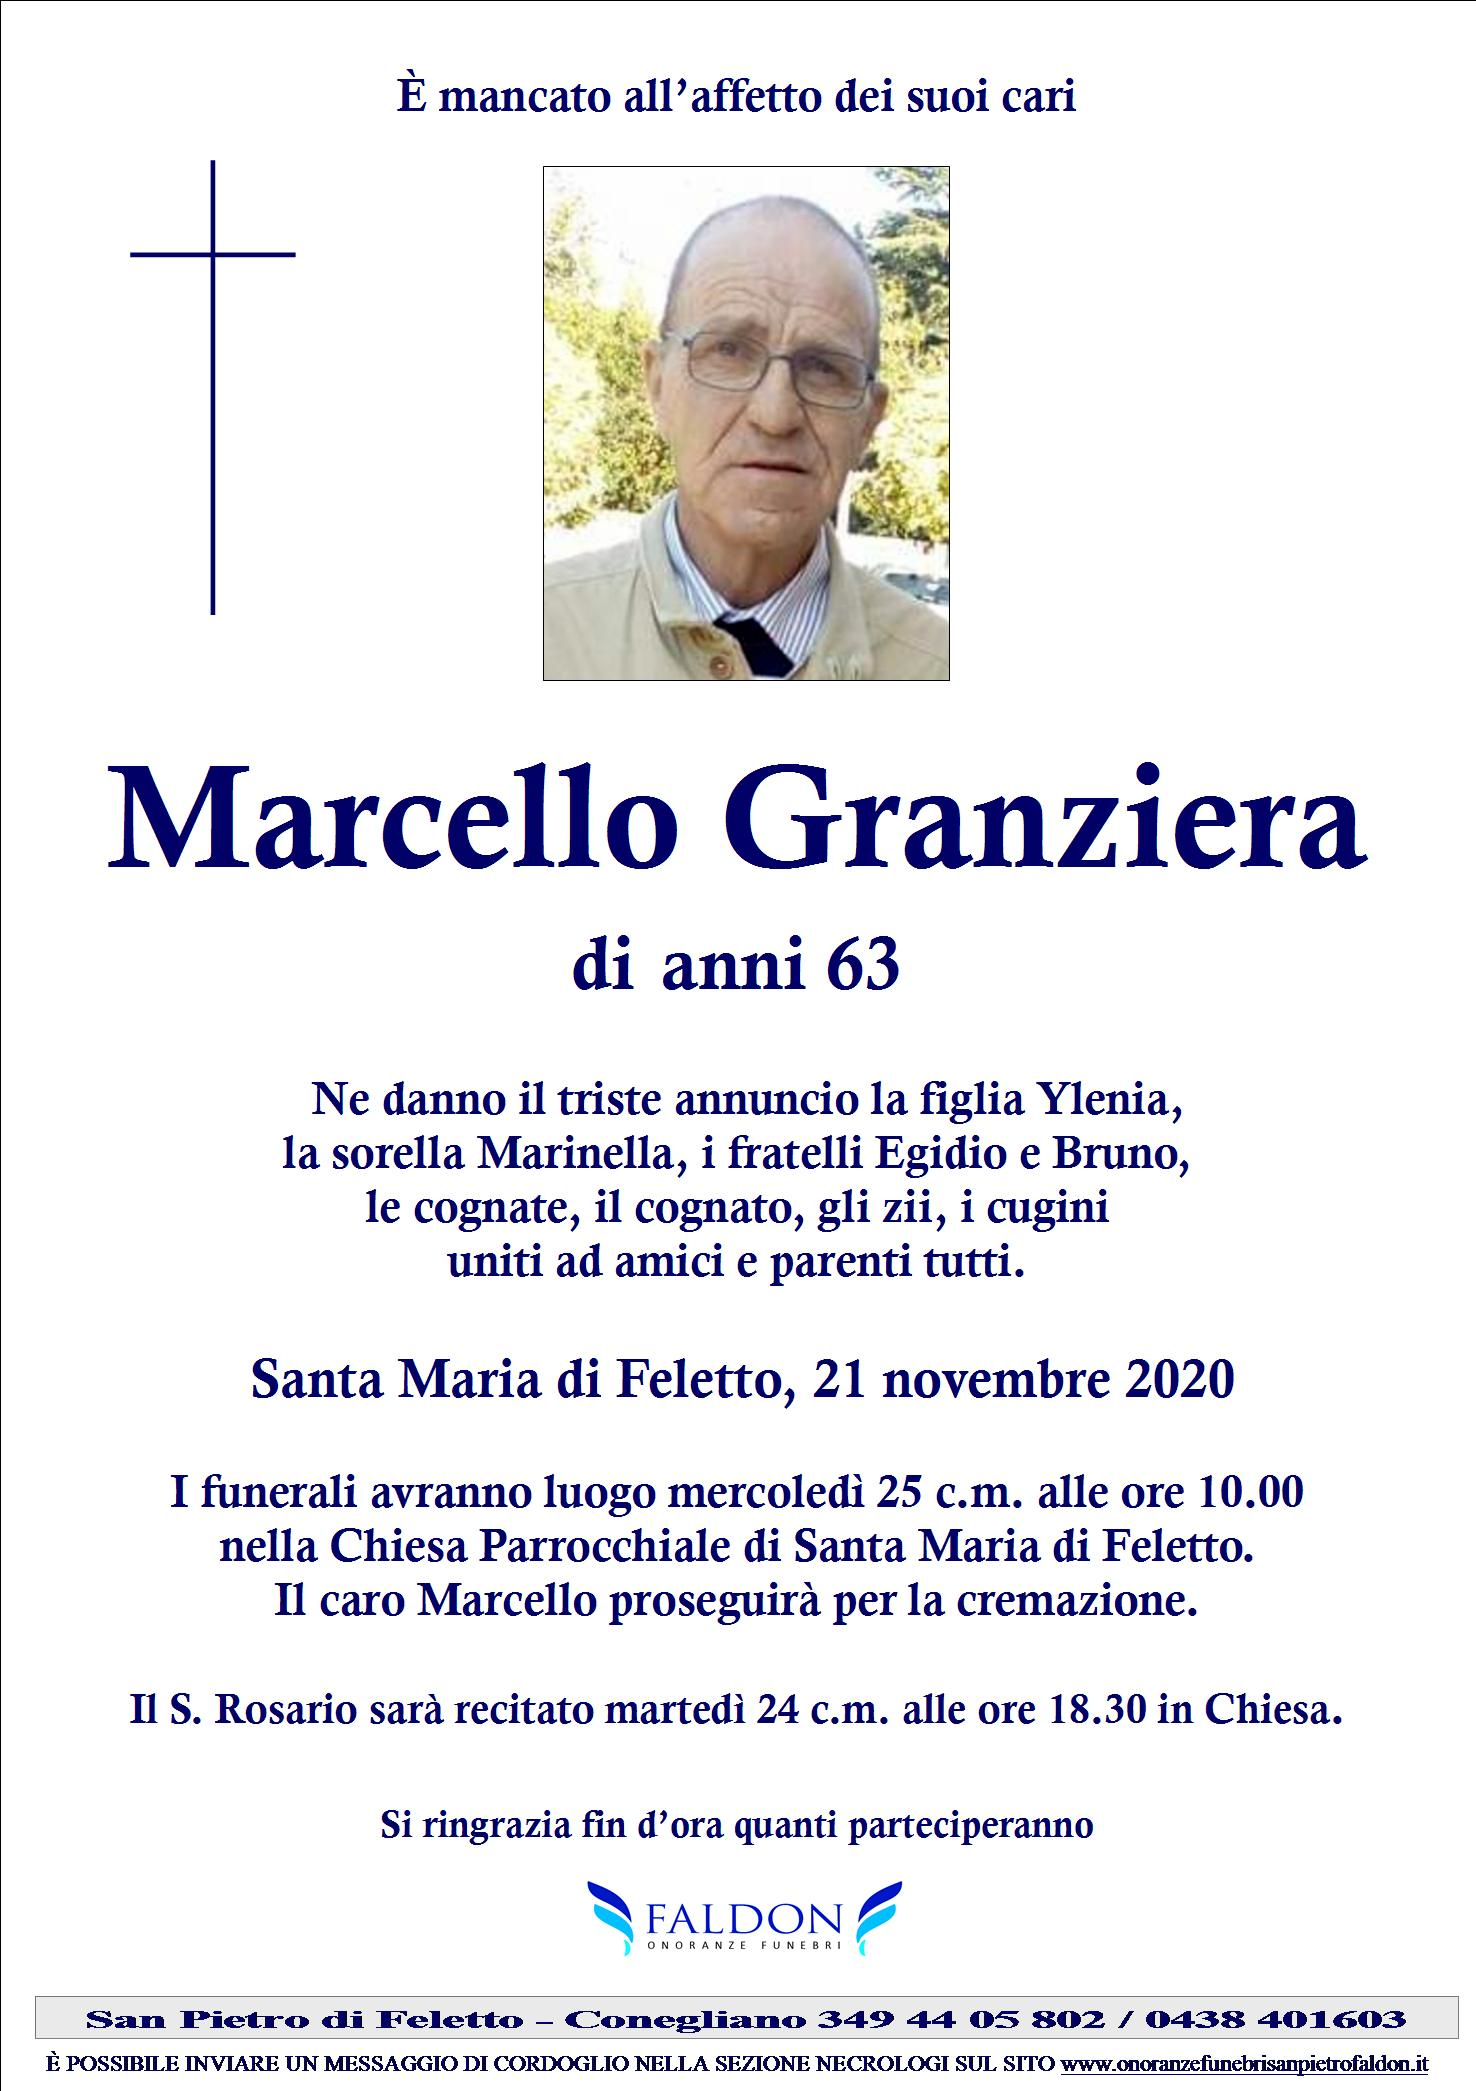 Marcello Granziera